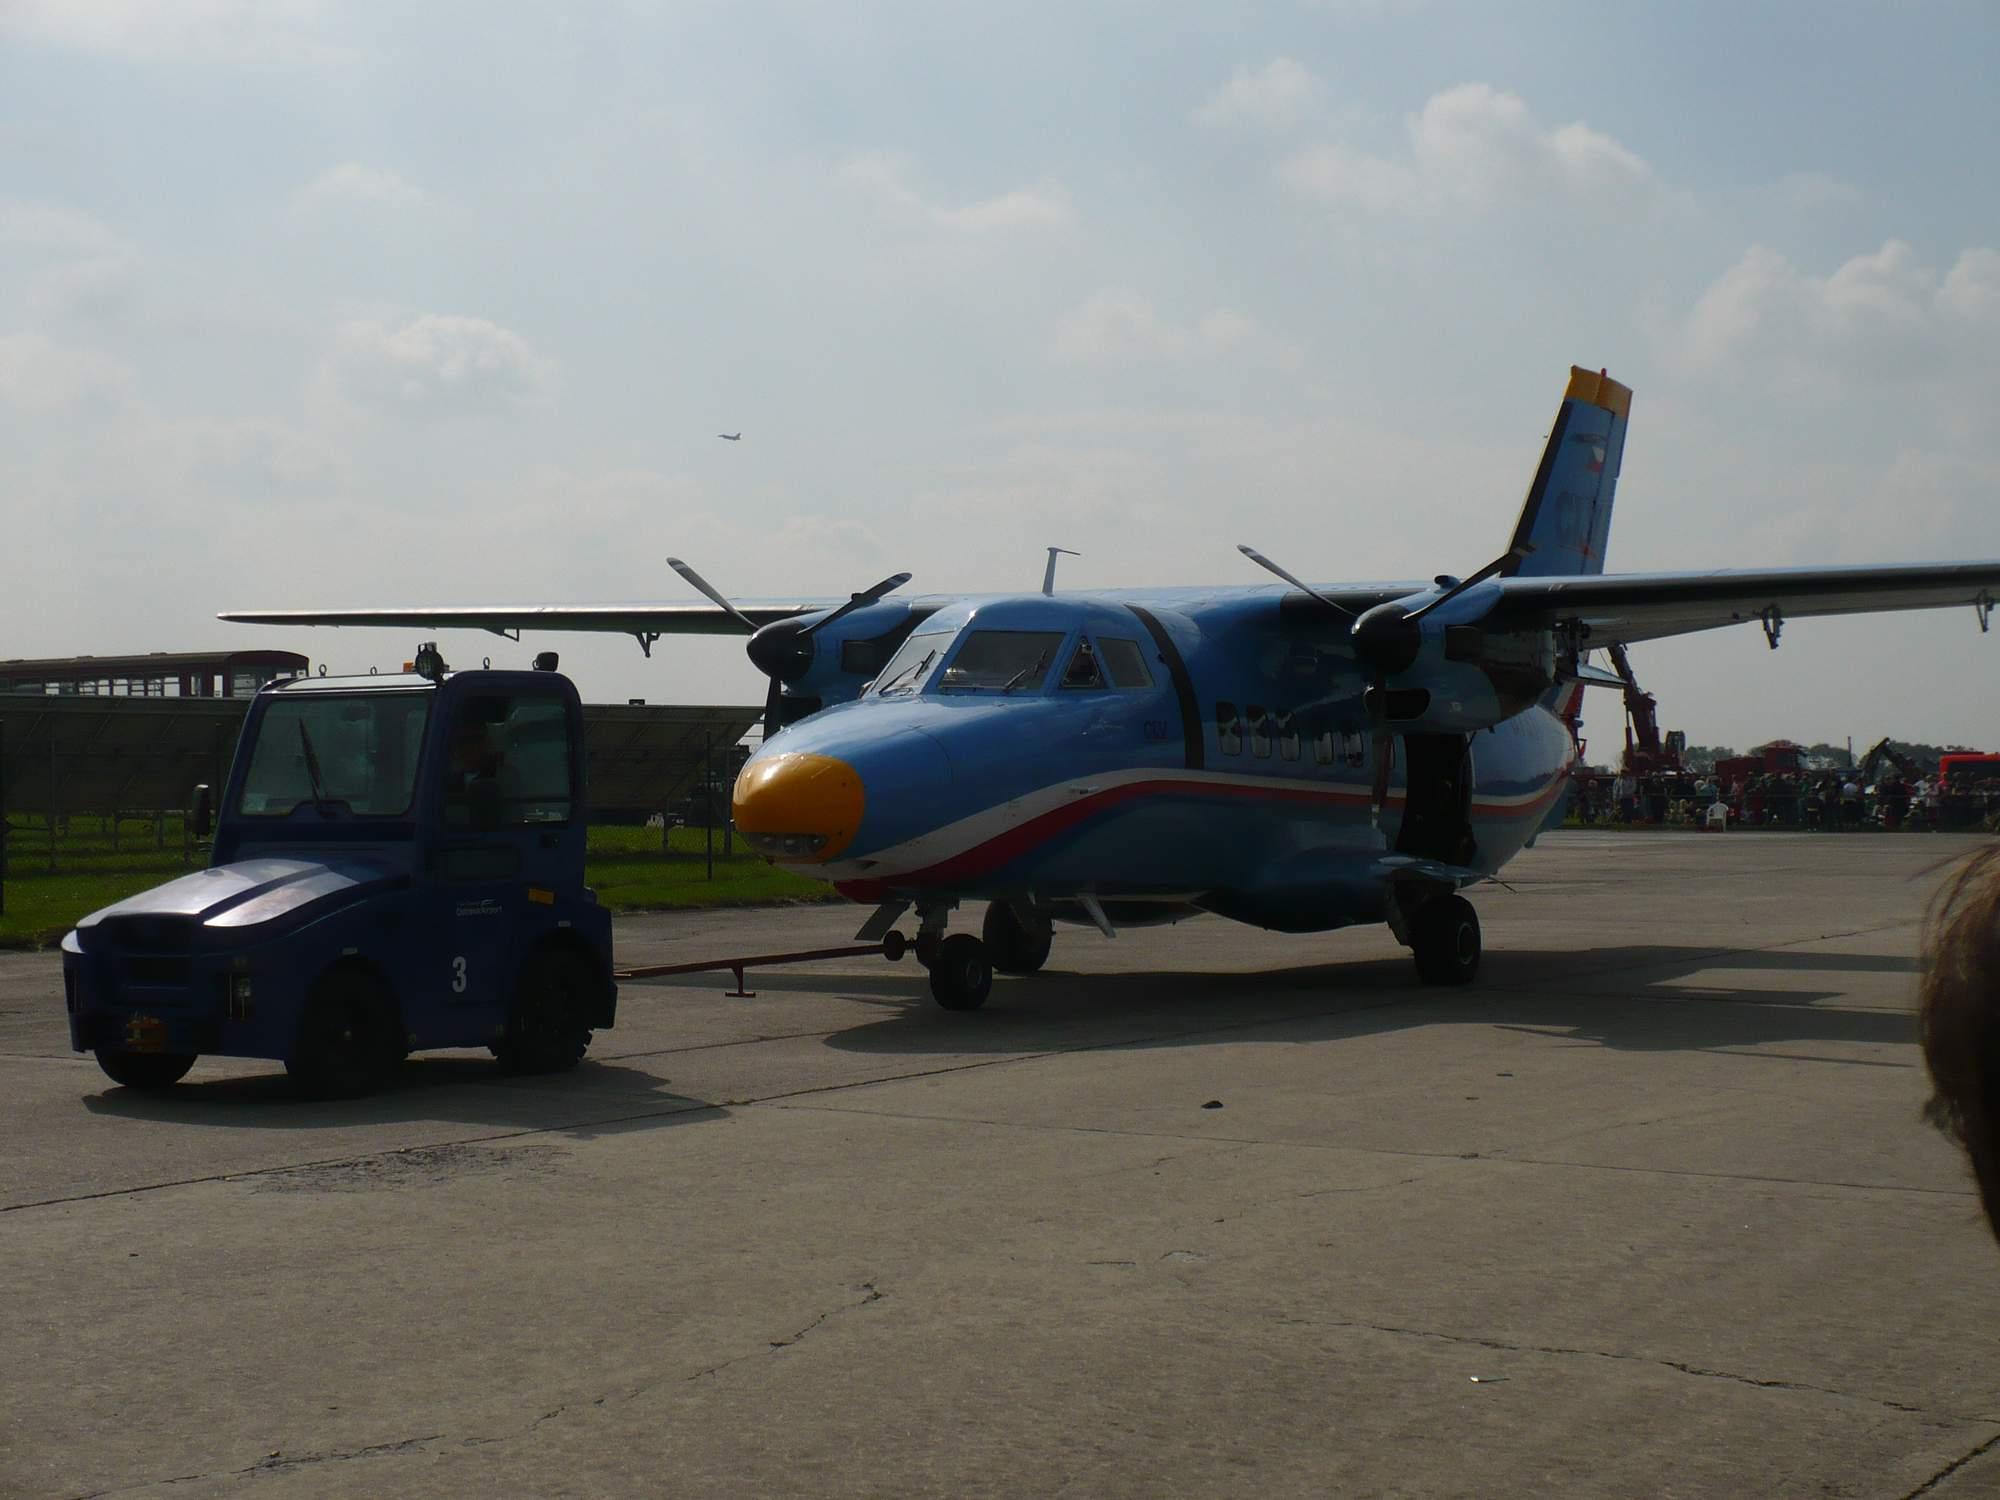 Letadlo po přistání - ilustrační foto. Foto: Miroslav Hanus